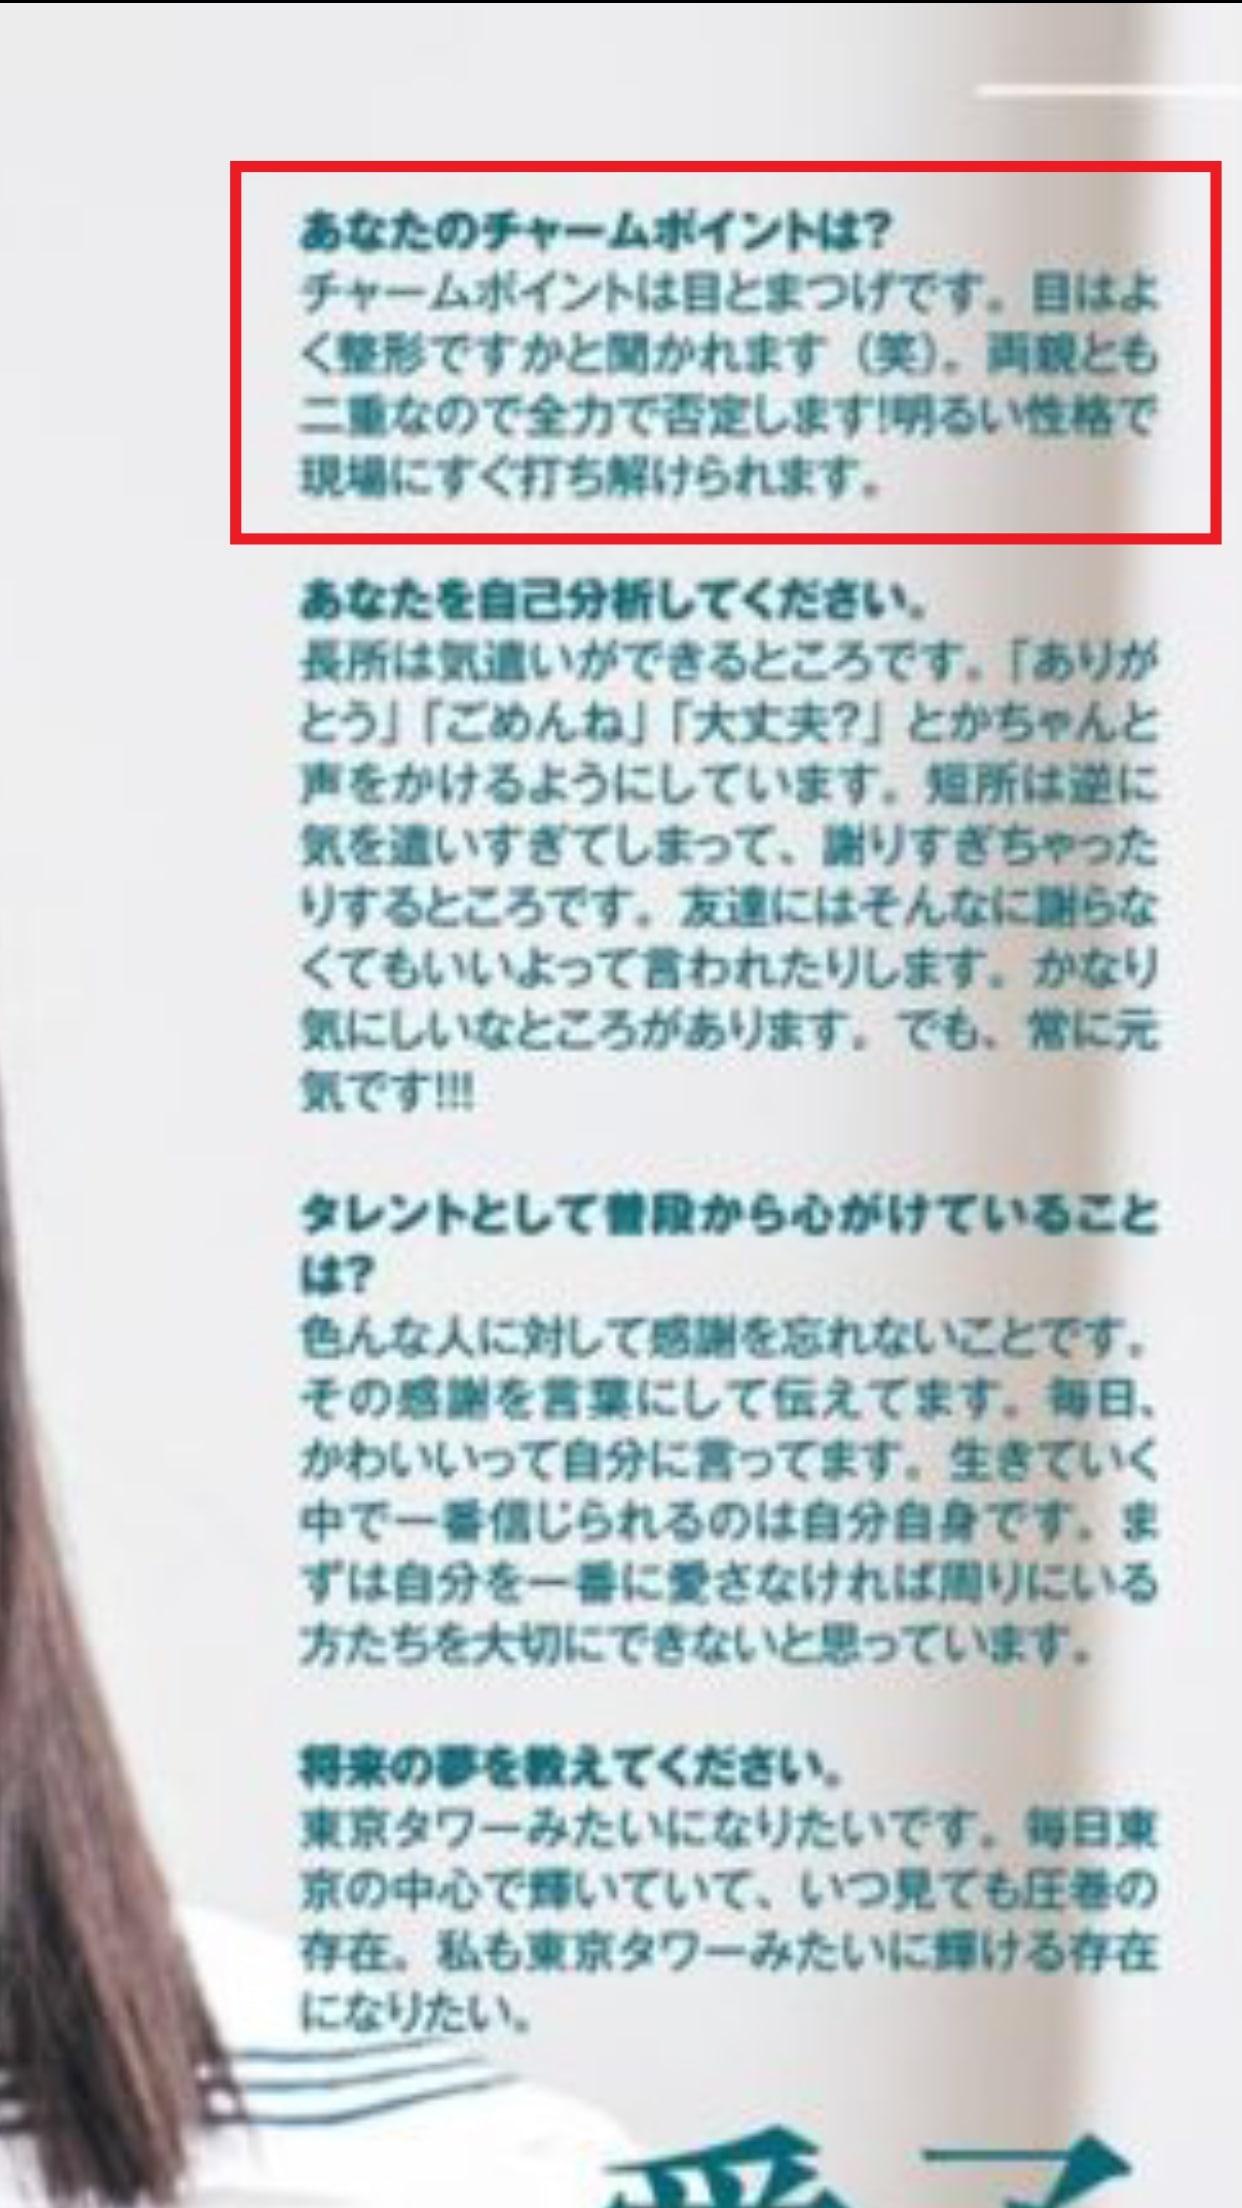 マリア愛子は整形ではなく加工